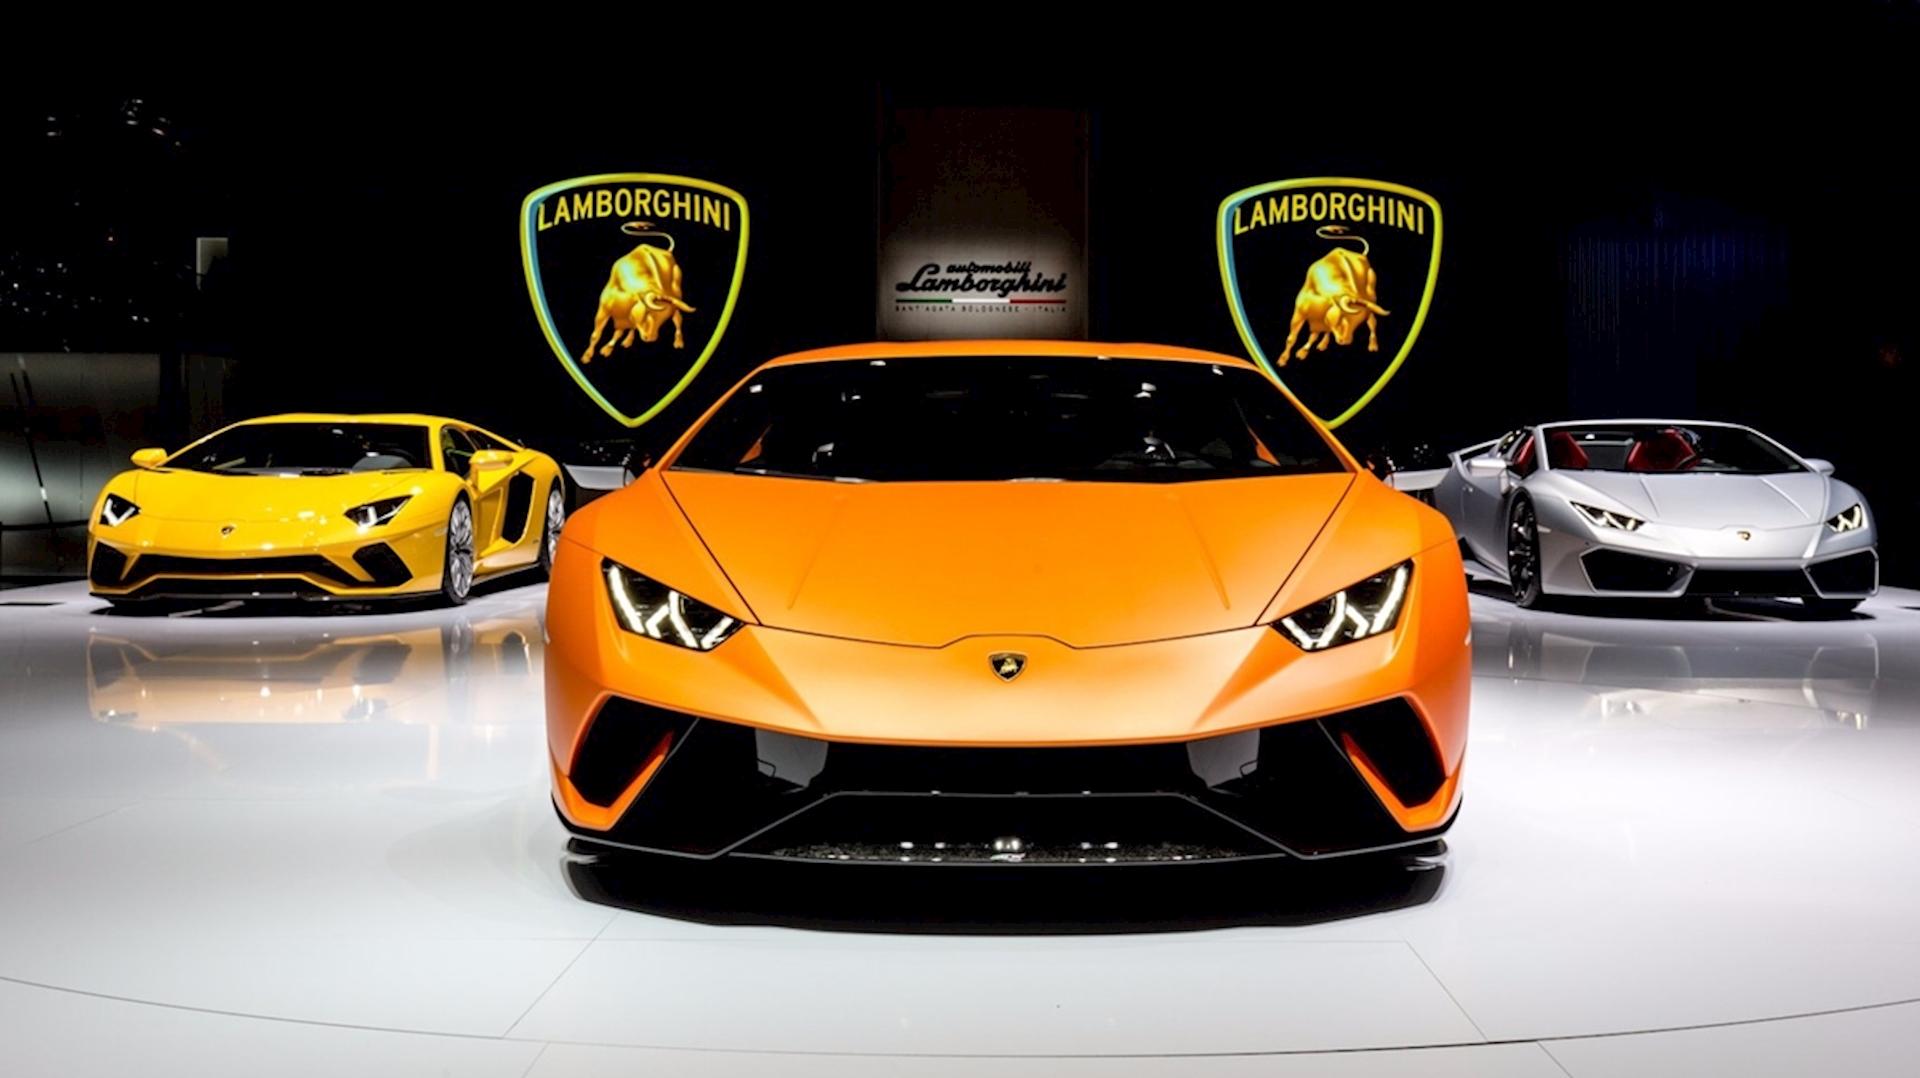 Lý do Ferrari hay Lamborghini không bao giờ quảng cáo trên TV